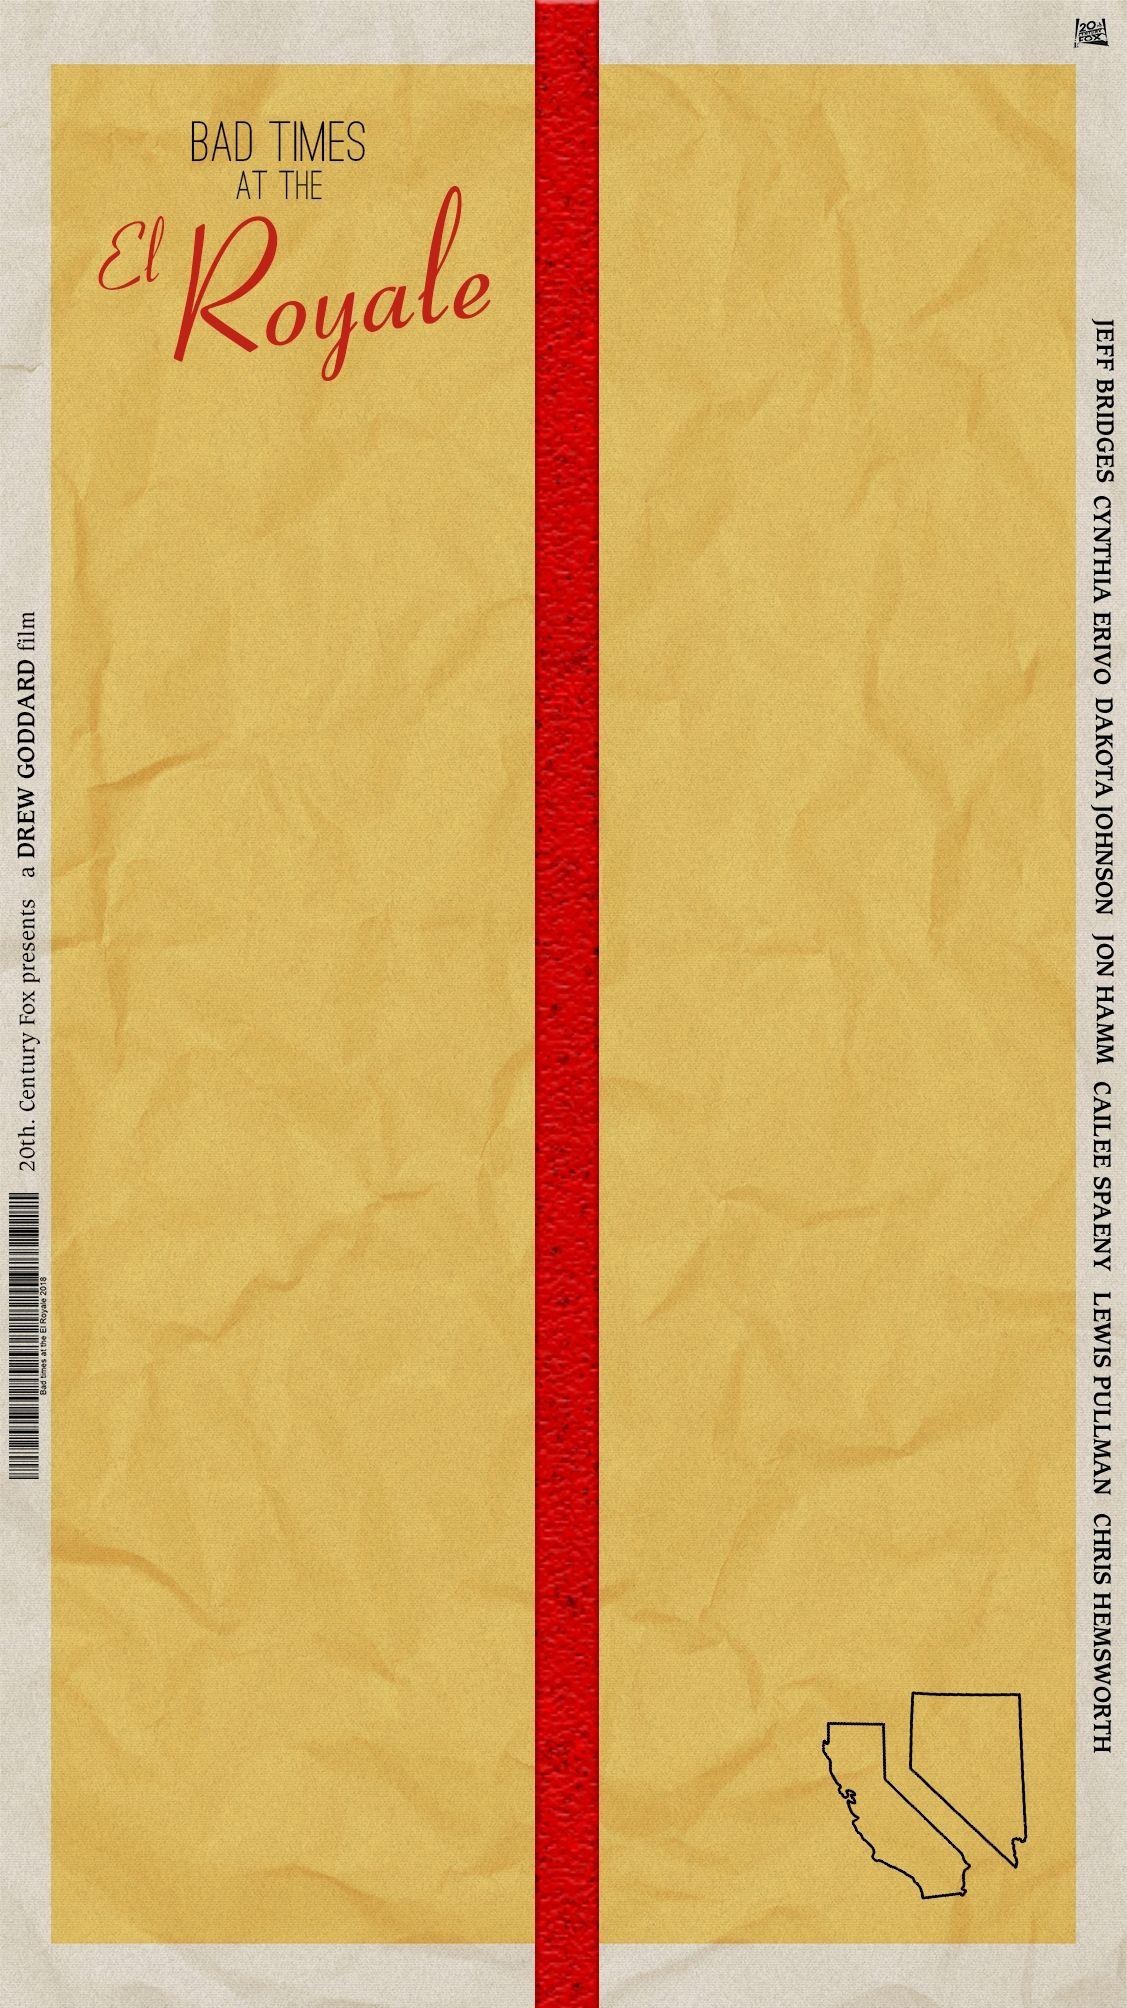 Bad Times at the El Royale - Póster Concept Design - Fabri Velázquez